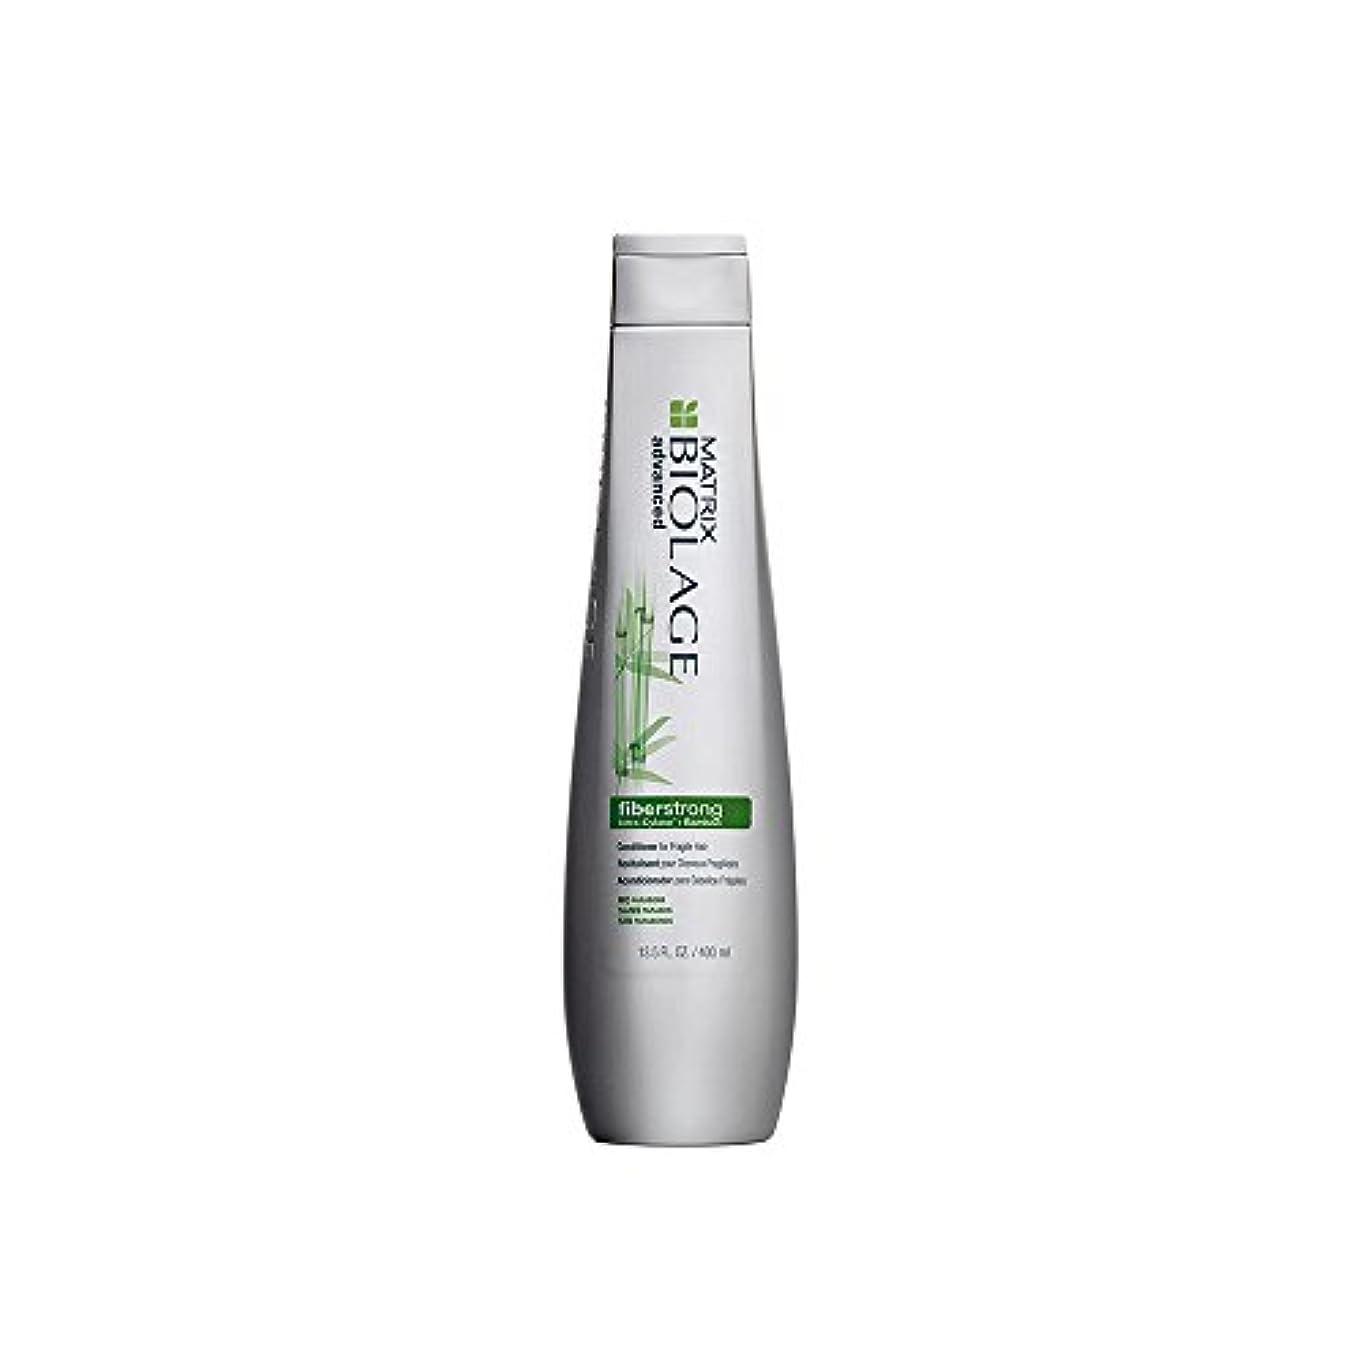 いくつかの消費うがいマトリックス Biolage Advanced FiberStrong Conditioner (For Fragile Hair) 1732272 400ml [海外直送品]